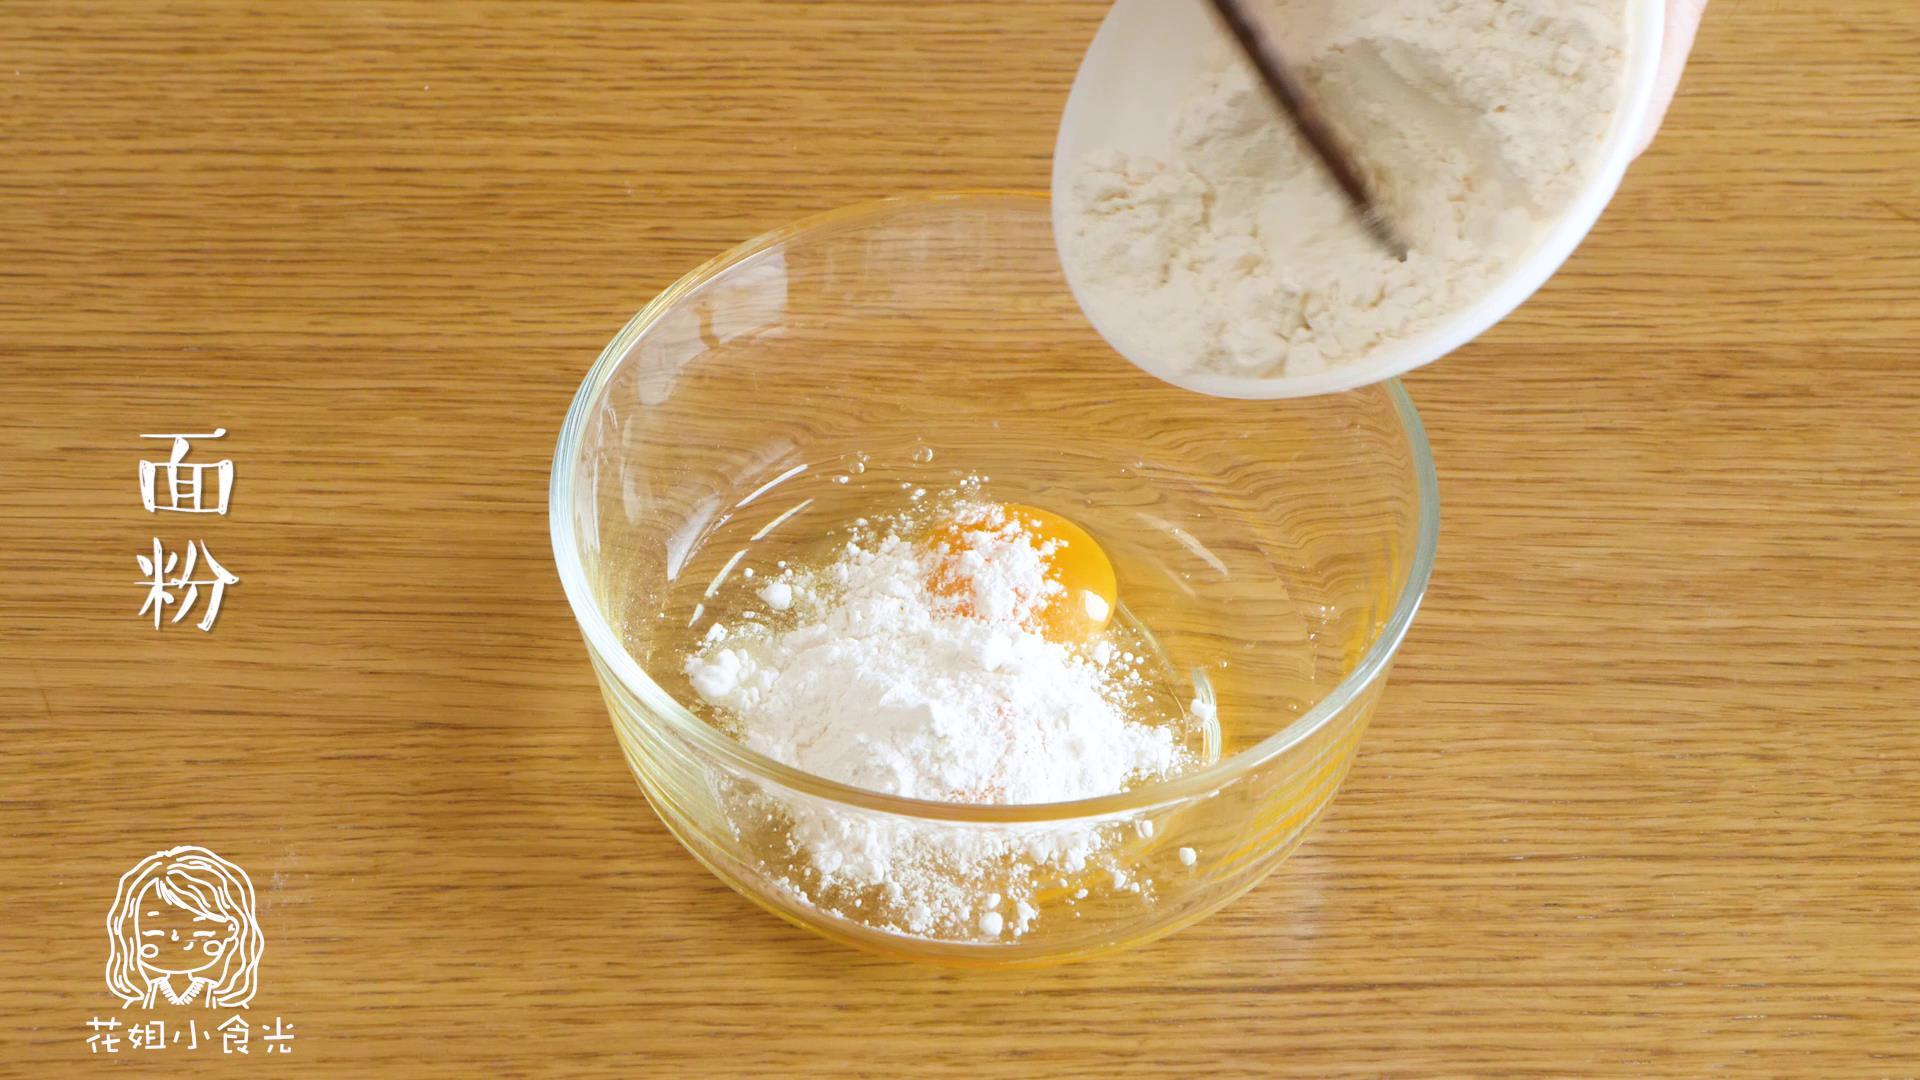 西红柿鸡蛋面12m+,将鸡蛋打入碗中,放入面粉~</p> <p>Tips:面粉要少放点,一点一点地加进去,直到搅拌成稀稠状(像下图这样)